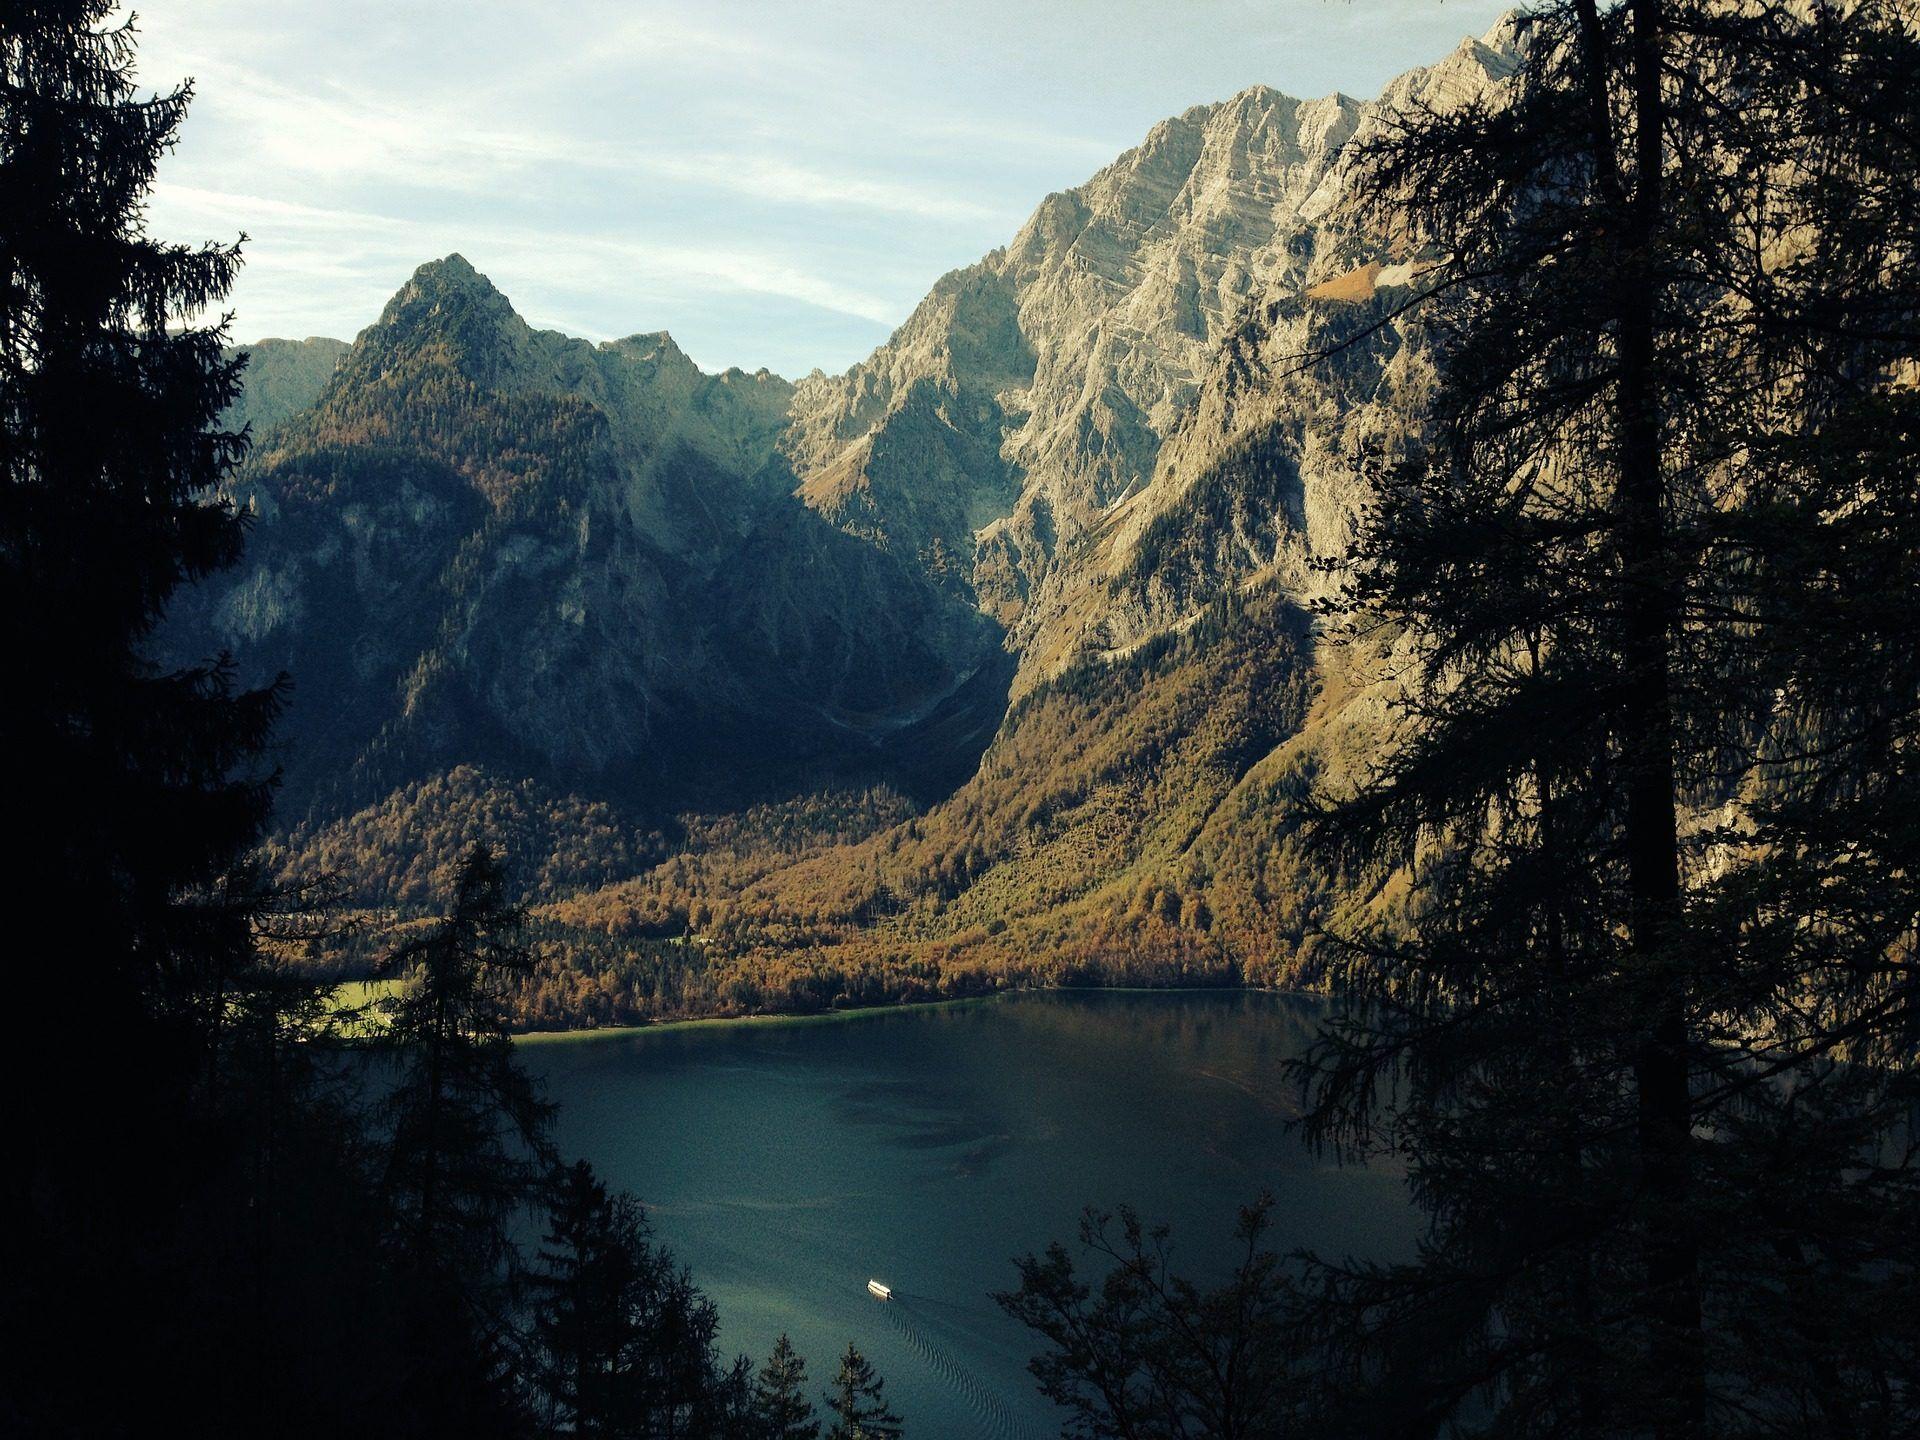 Lago Con Montañas Nevadas Hd: Montañas, Vegetación, Lago, árboles, Cielo, 1701101358